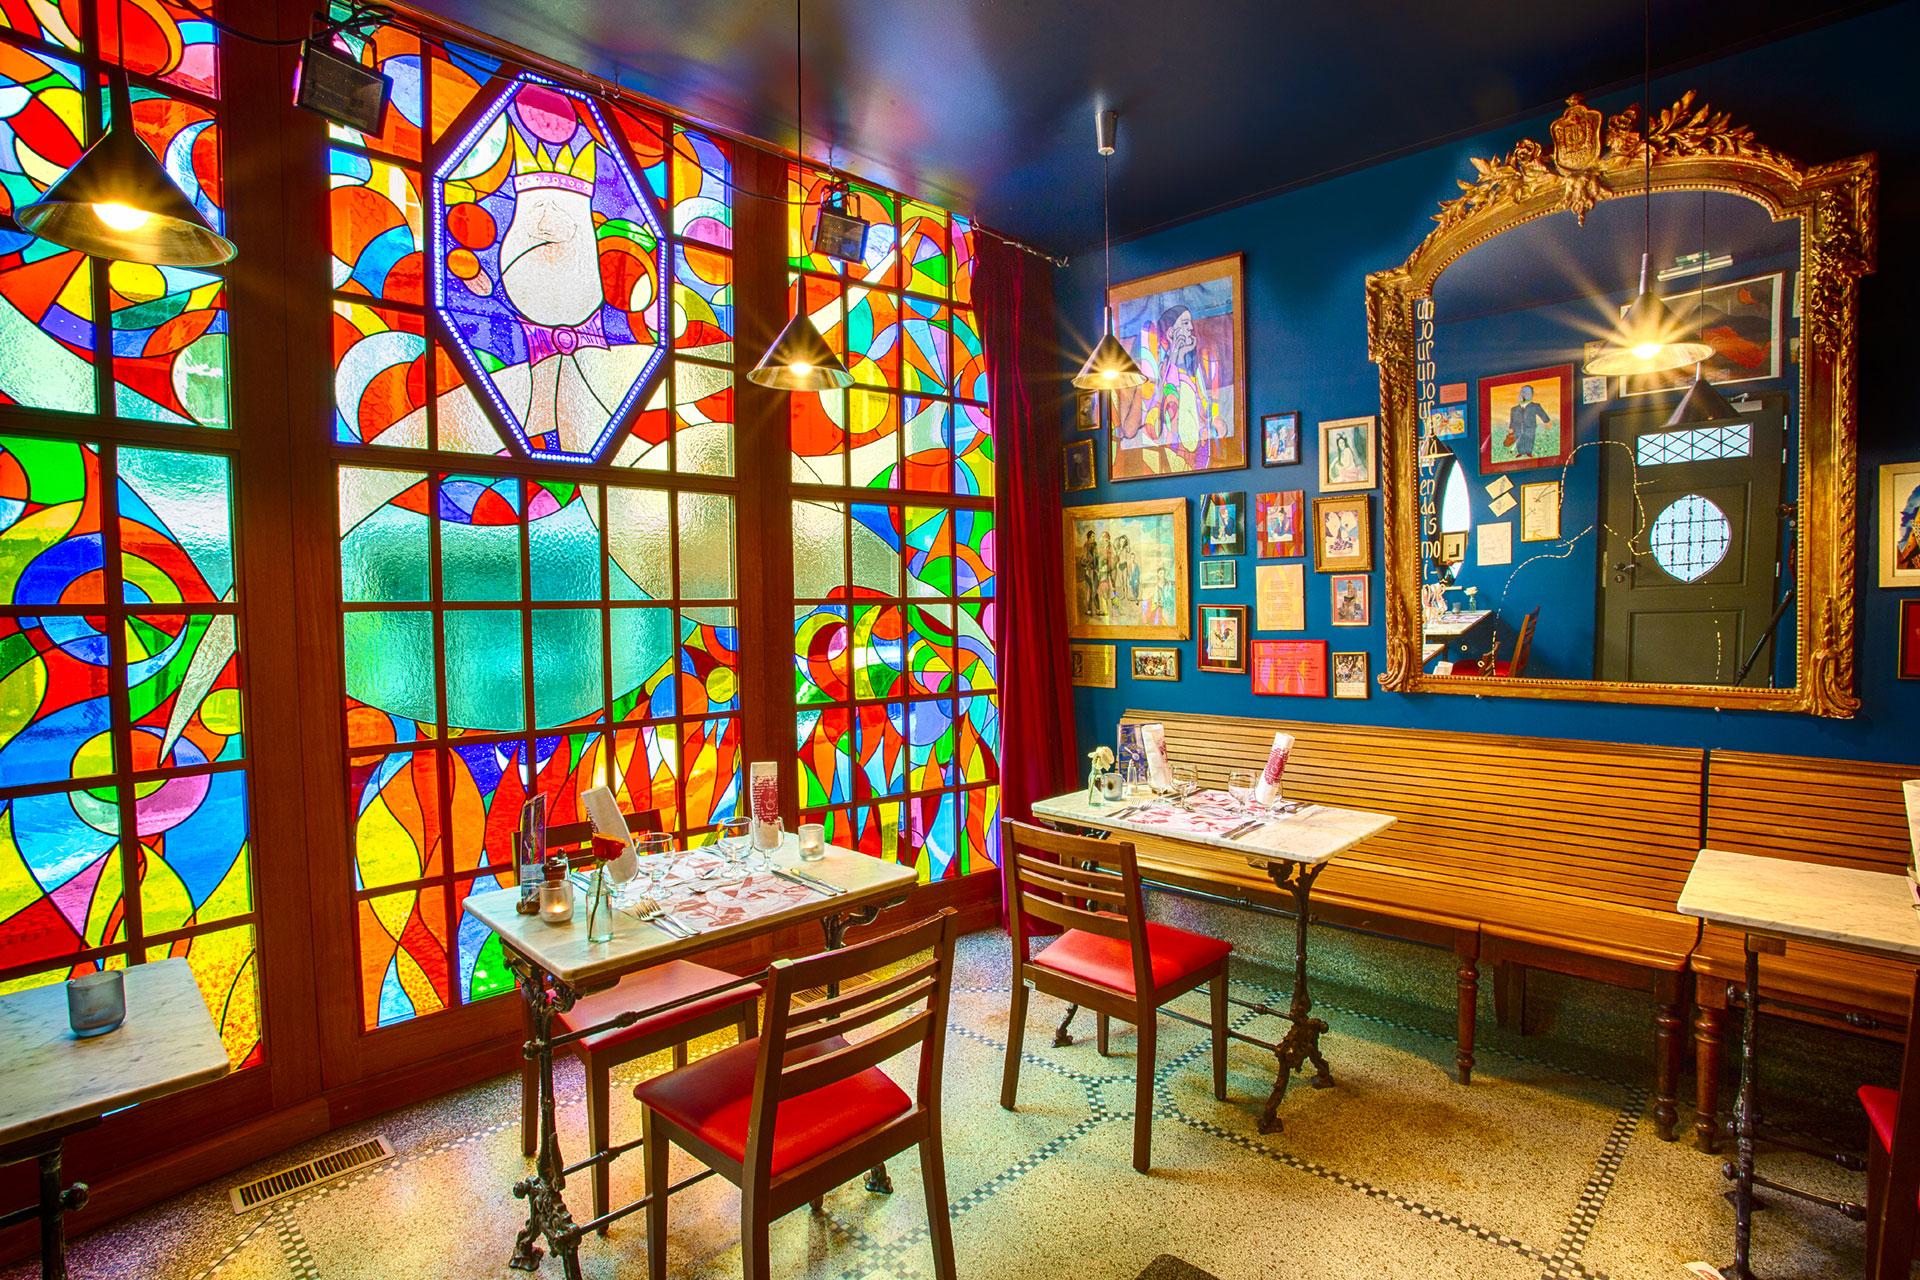 hôtel restÔ Mal Aimé - Satvelot - Hôtel en Wallonie